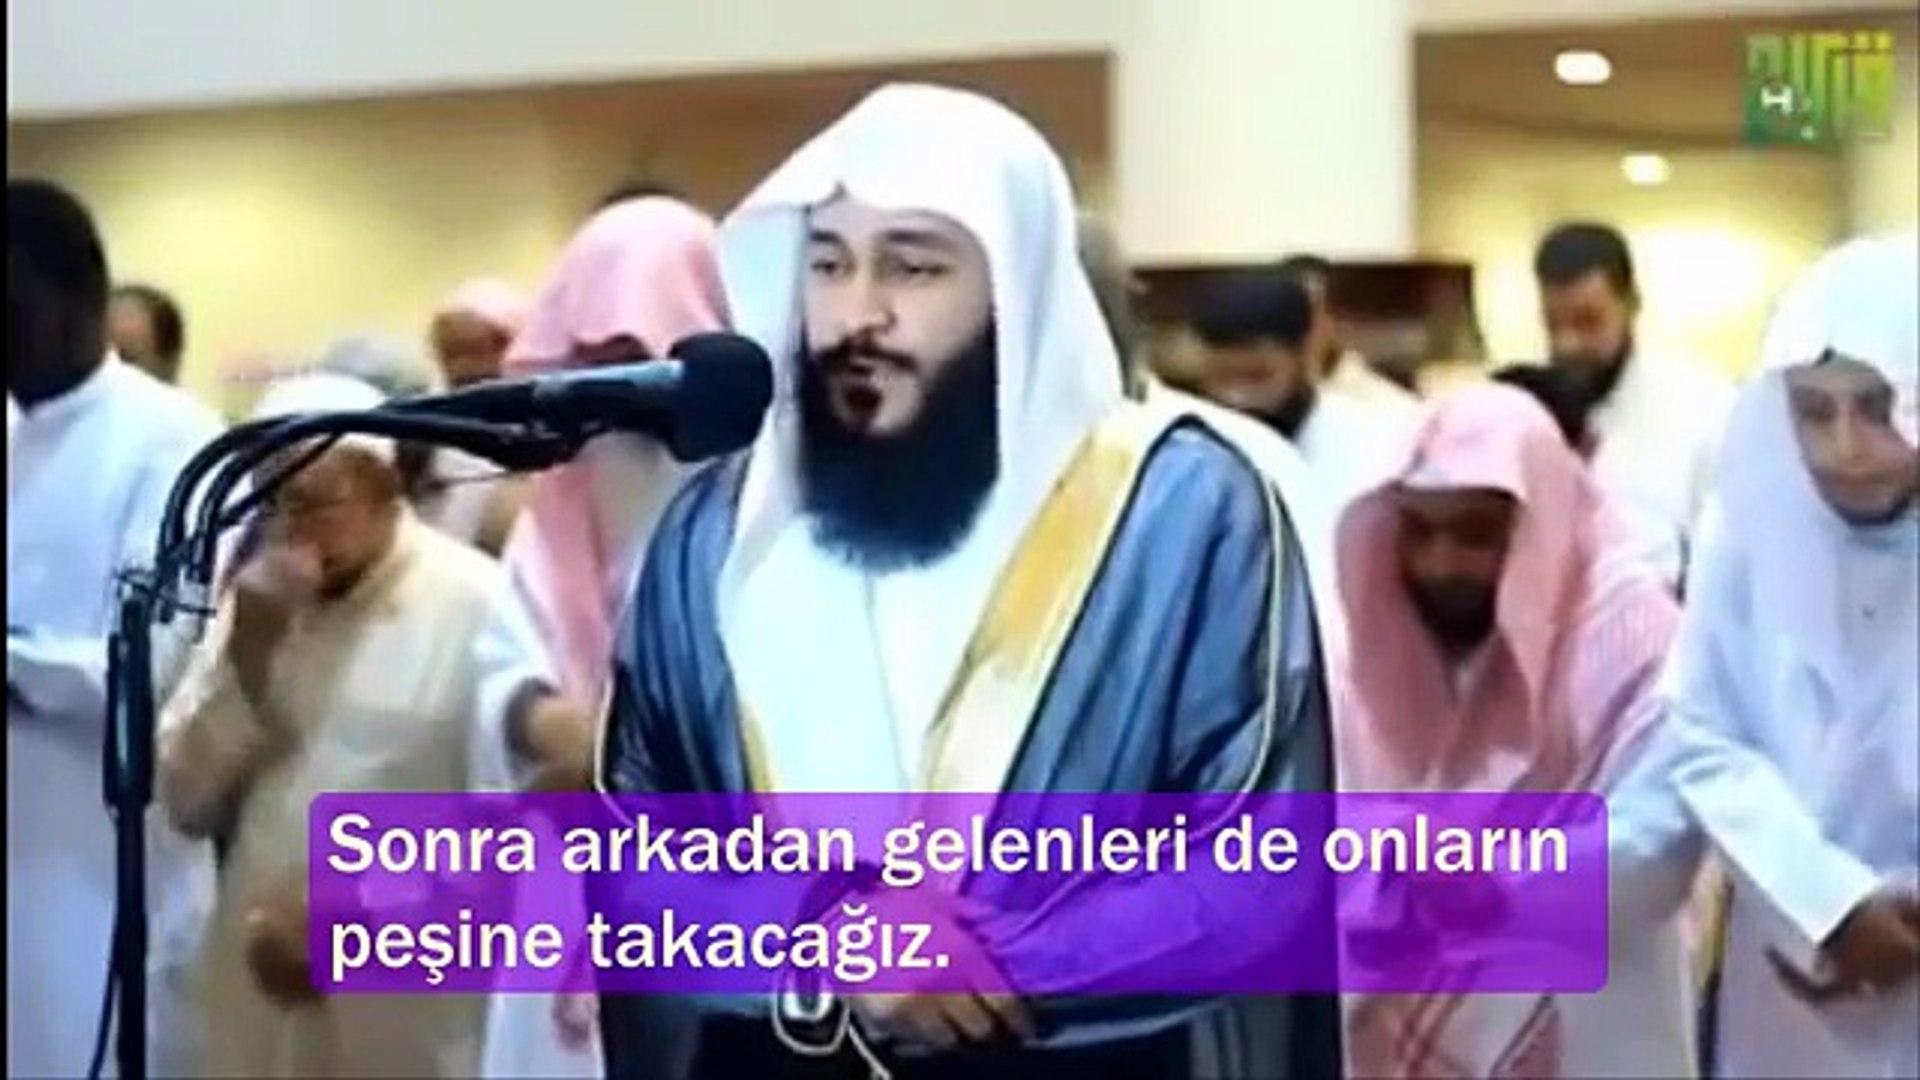 DİNLE GÖR ,ALLAHA NASIL YAKIN OLUNUR.Abdurrahman El Ussi - Mürselat suresi SubhanAllah çok güzel